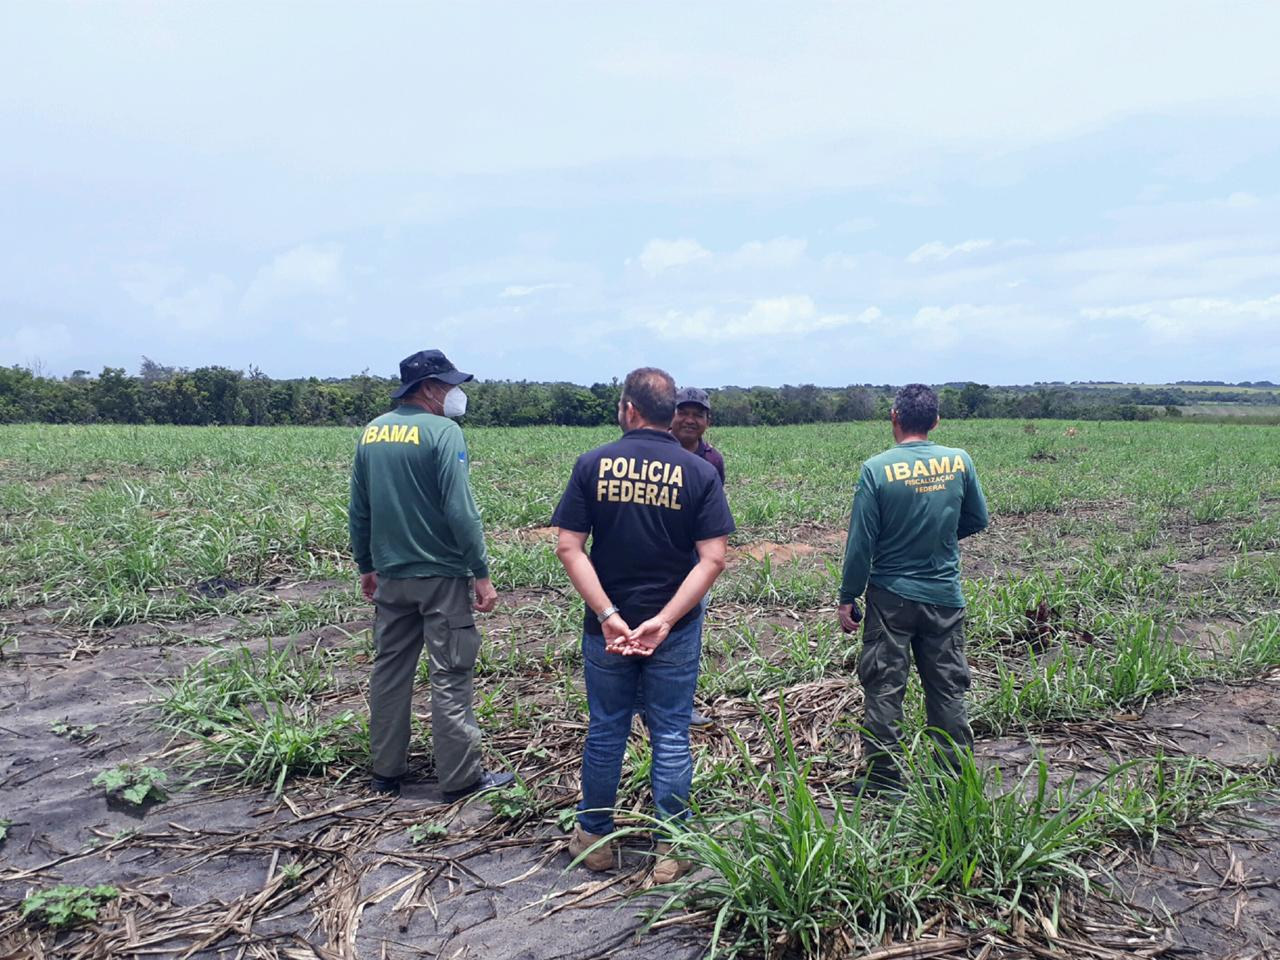 operacao ibama - Operação conjunta entre Polícia Federal e Ibama encontrou mais de 45 hectares de terras desmatadas na Paraíba